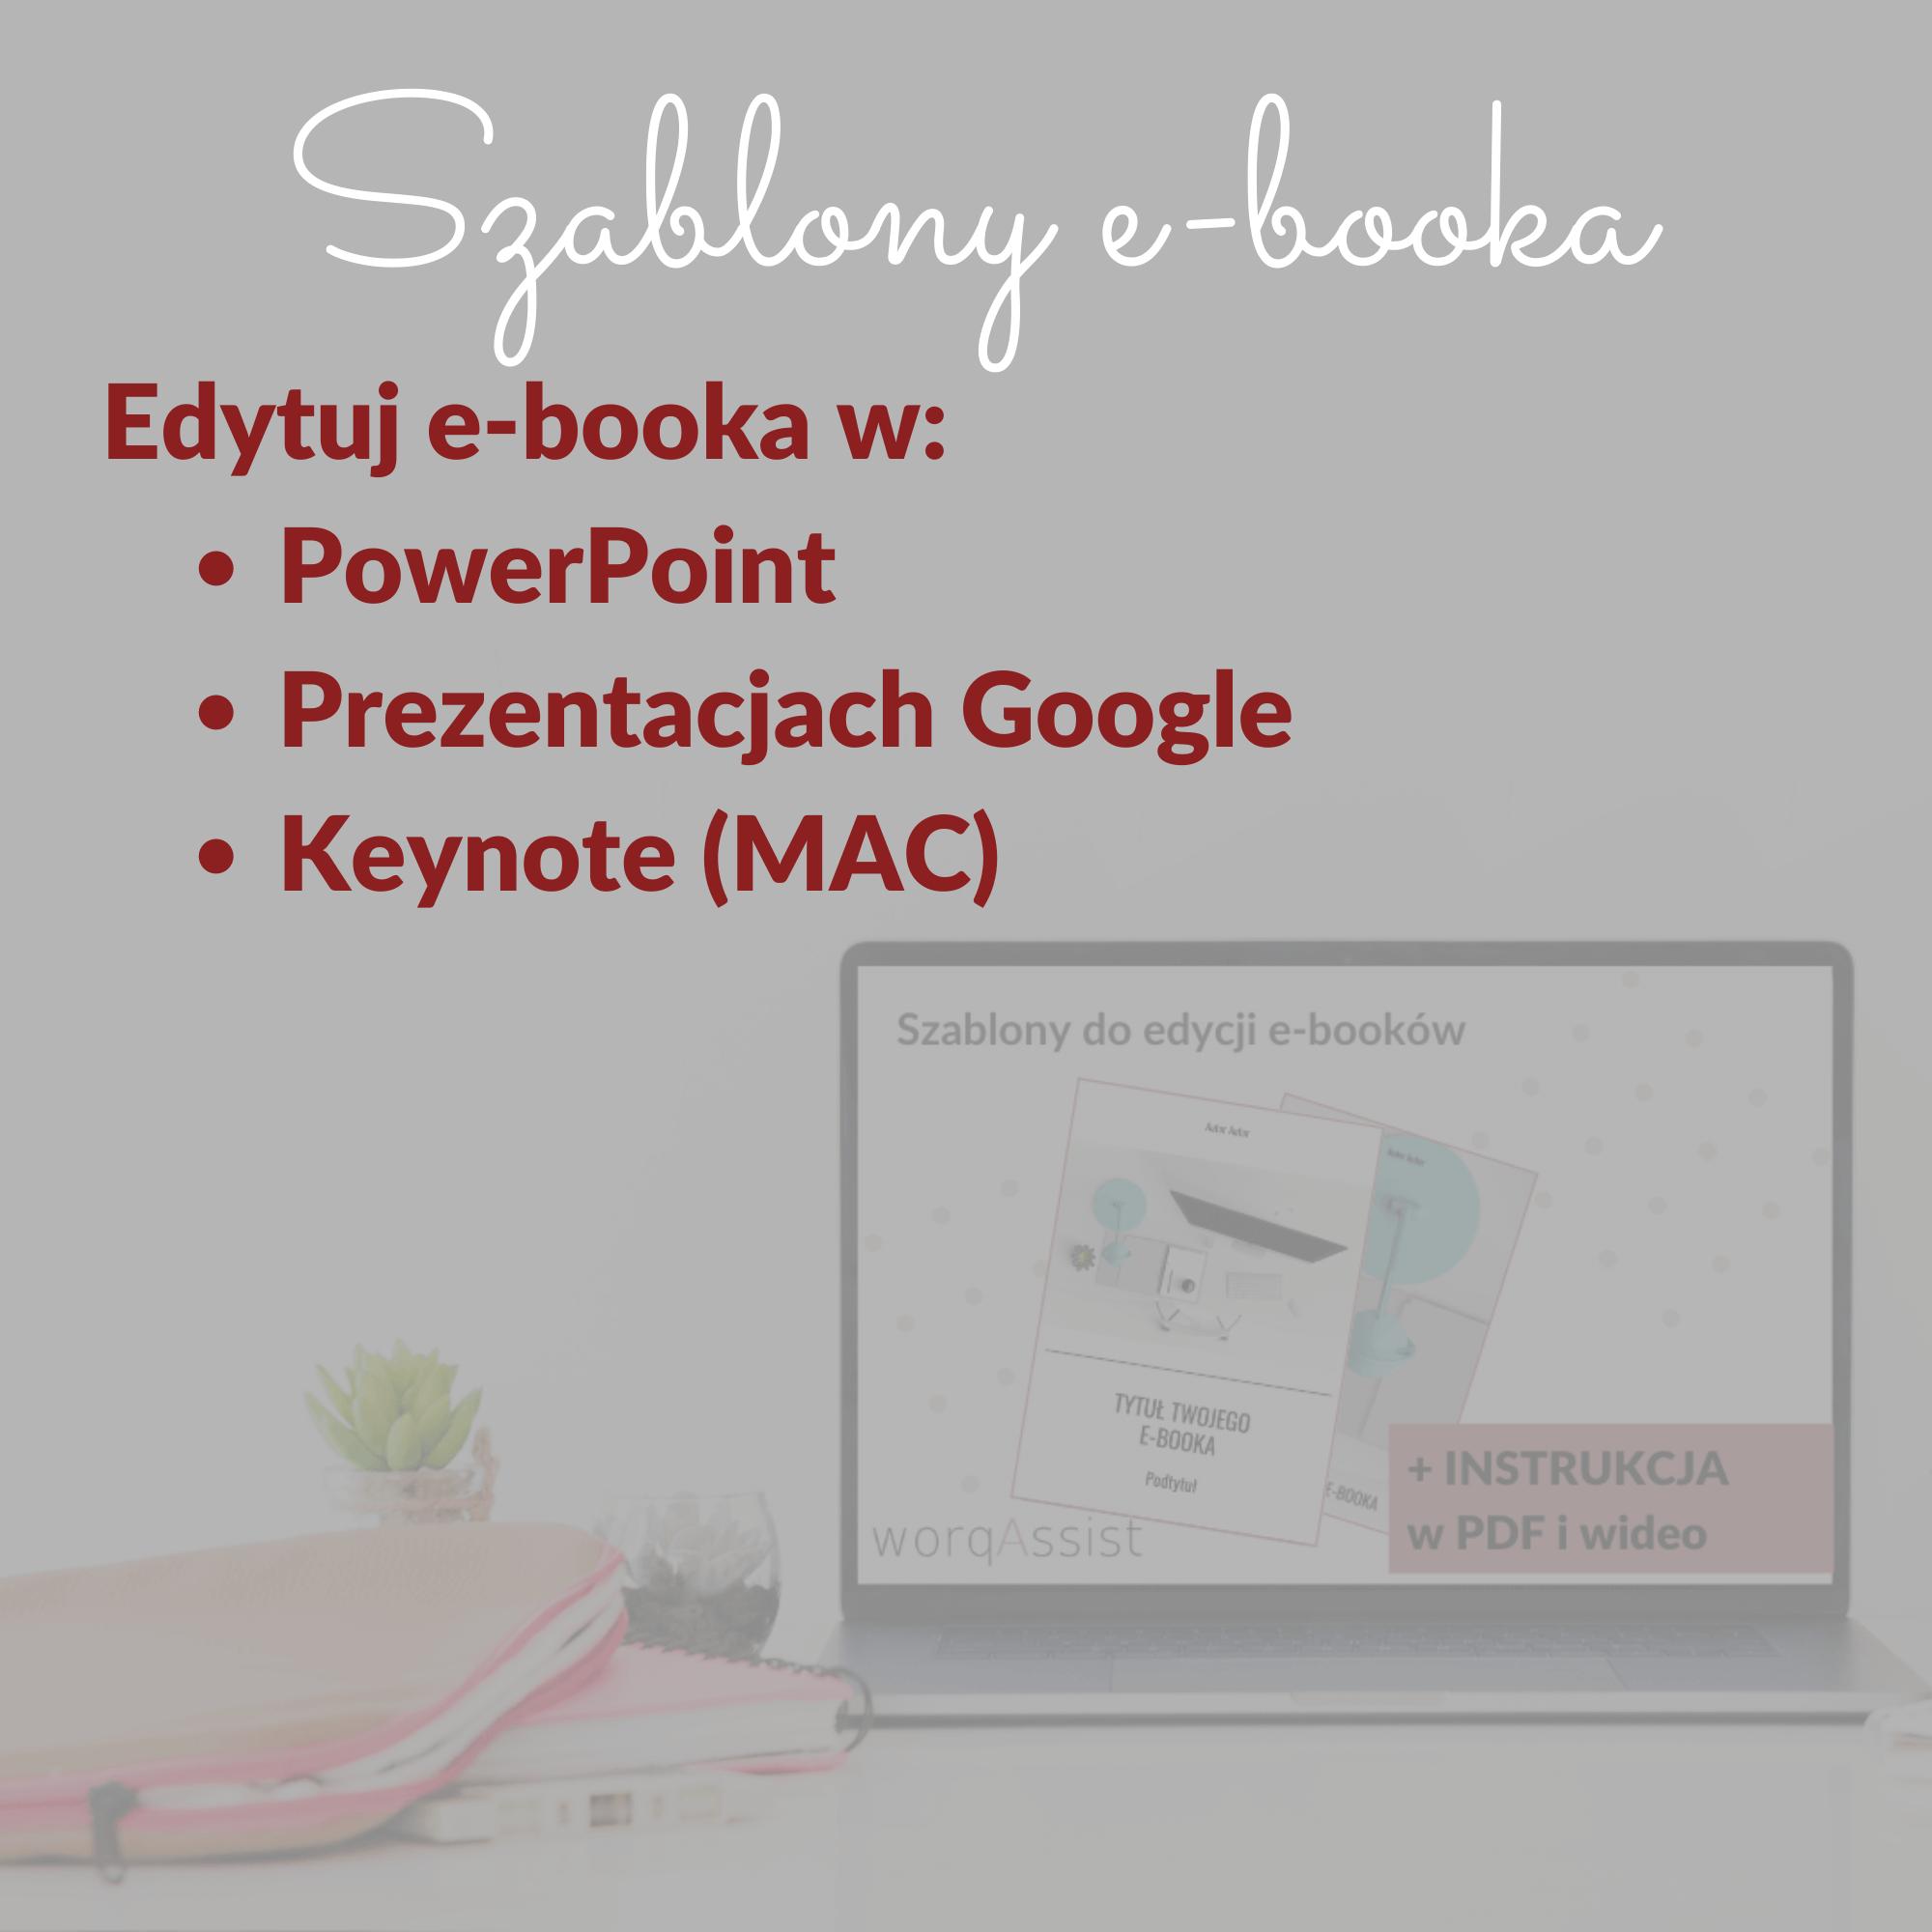 Szablony e-booków worqAssist do edycji w PowerPoint, Prezentacjach Google i Keynote (MAC)